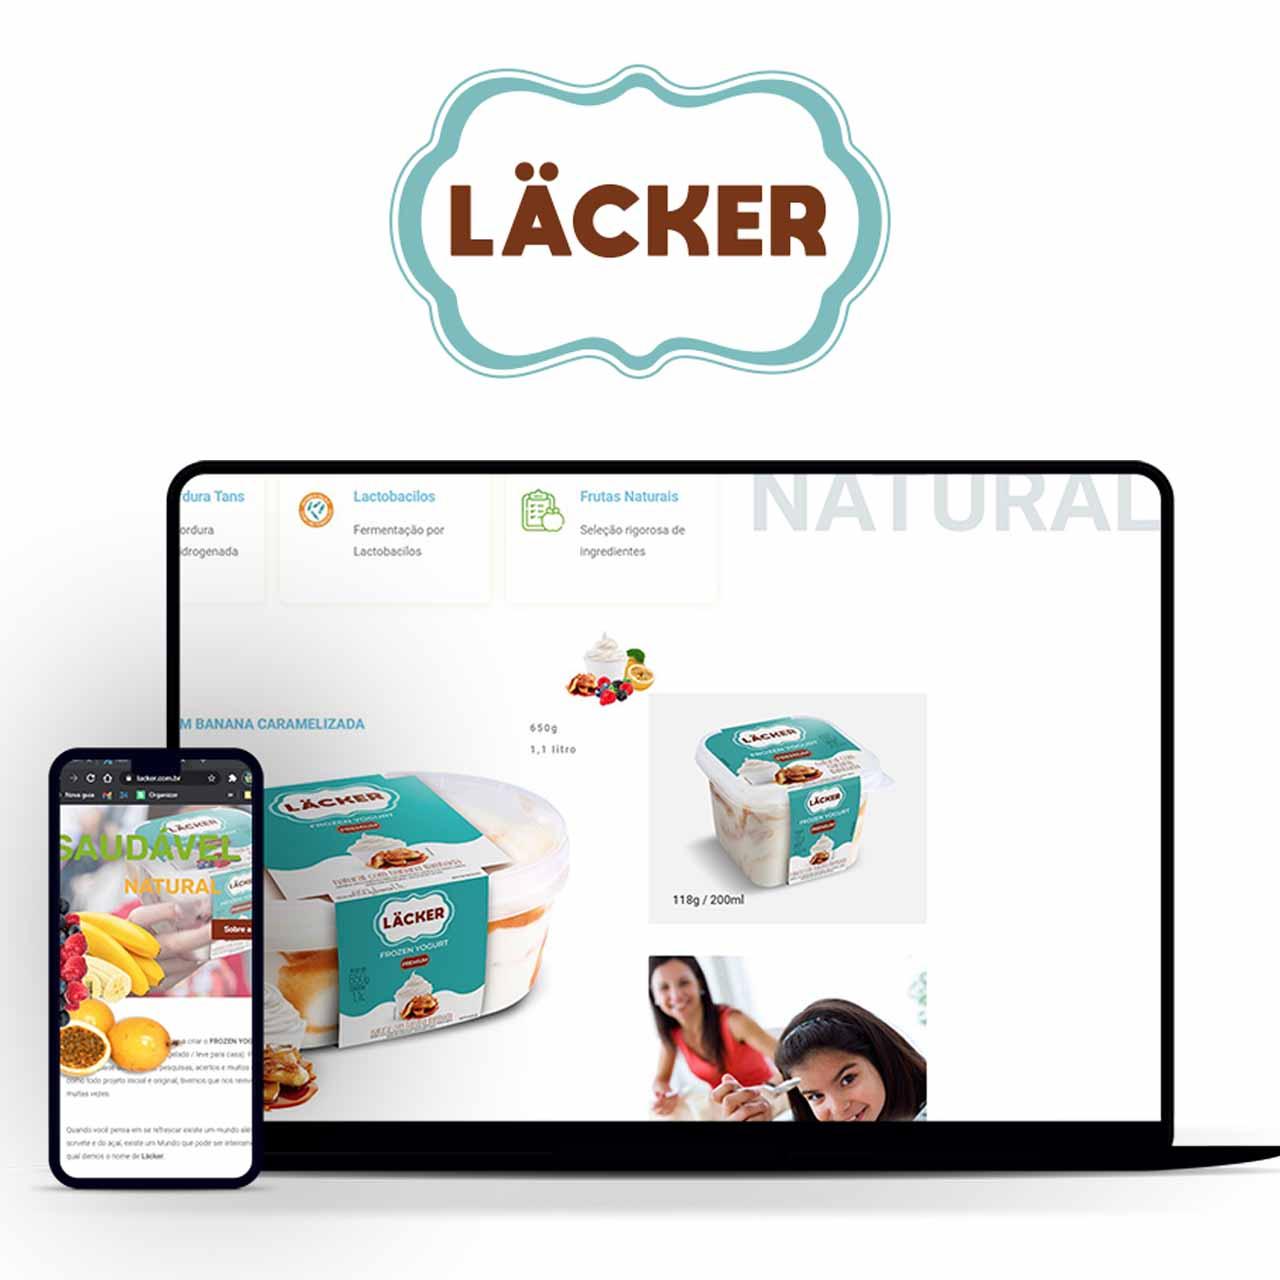 lacker-recente3